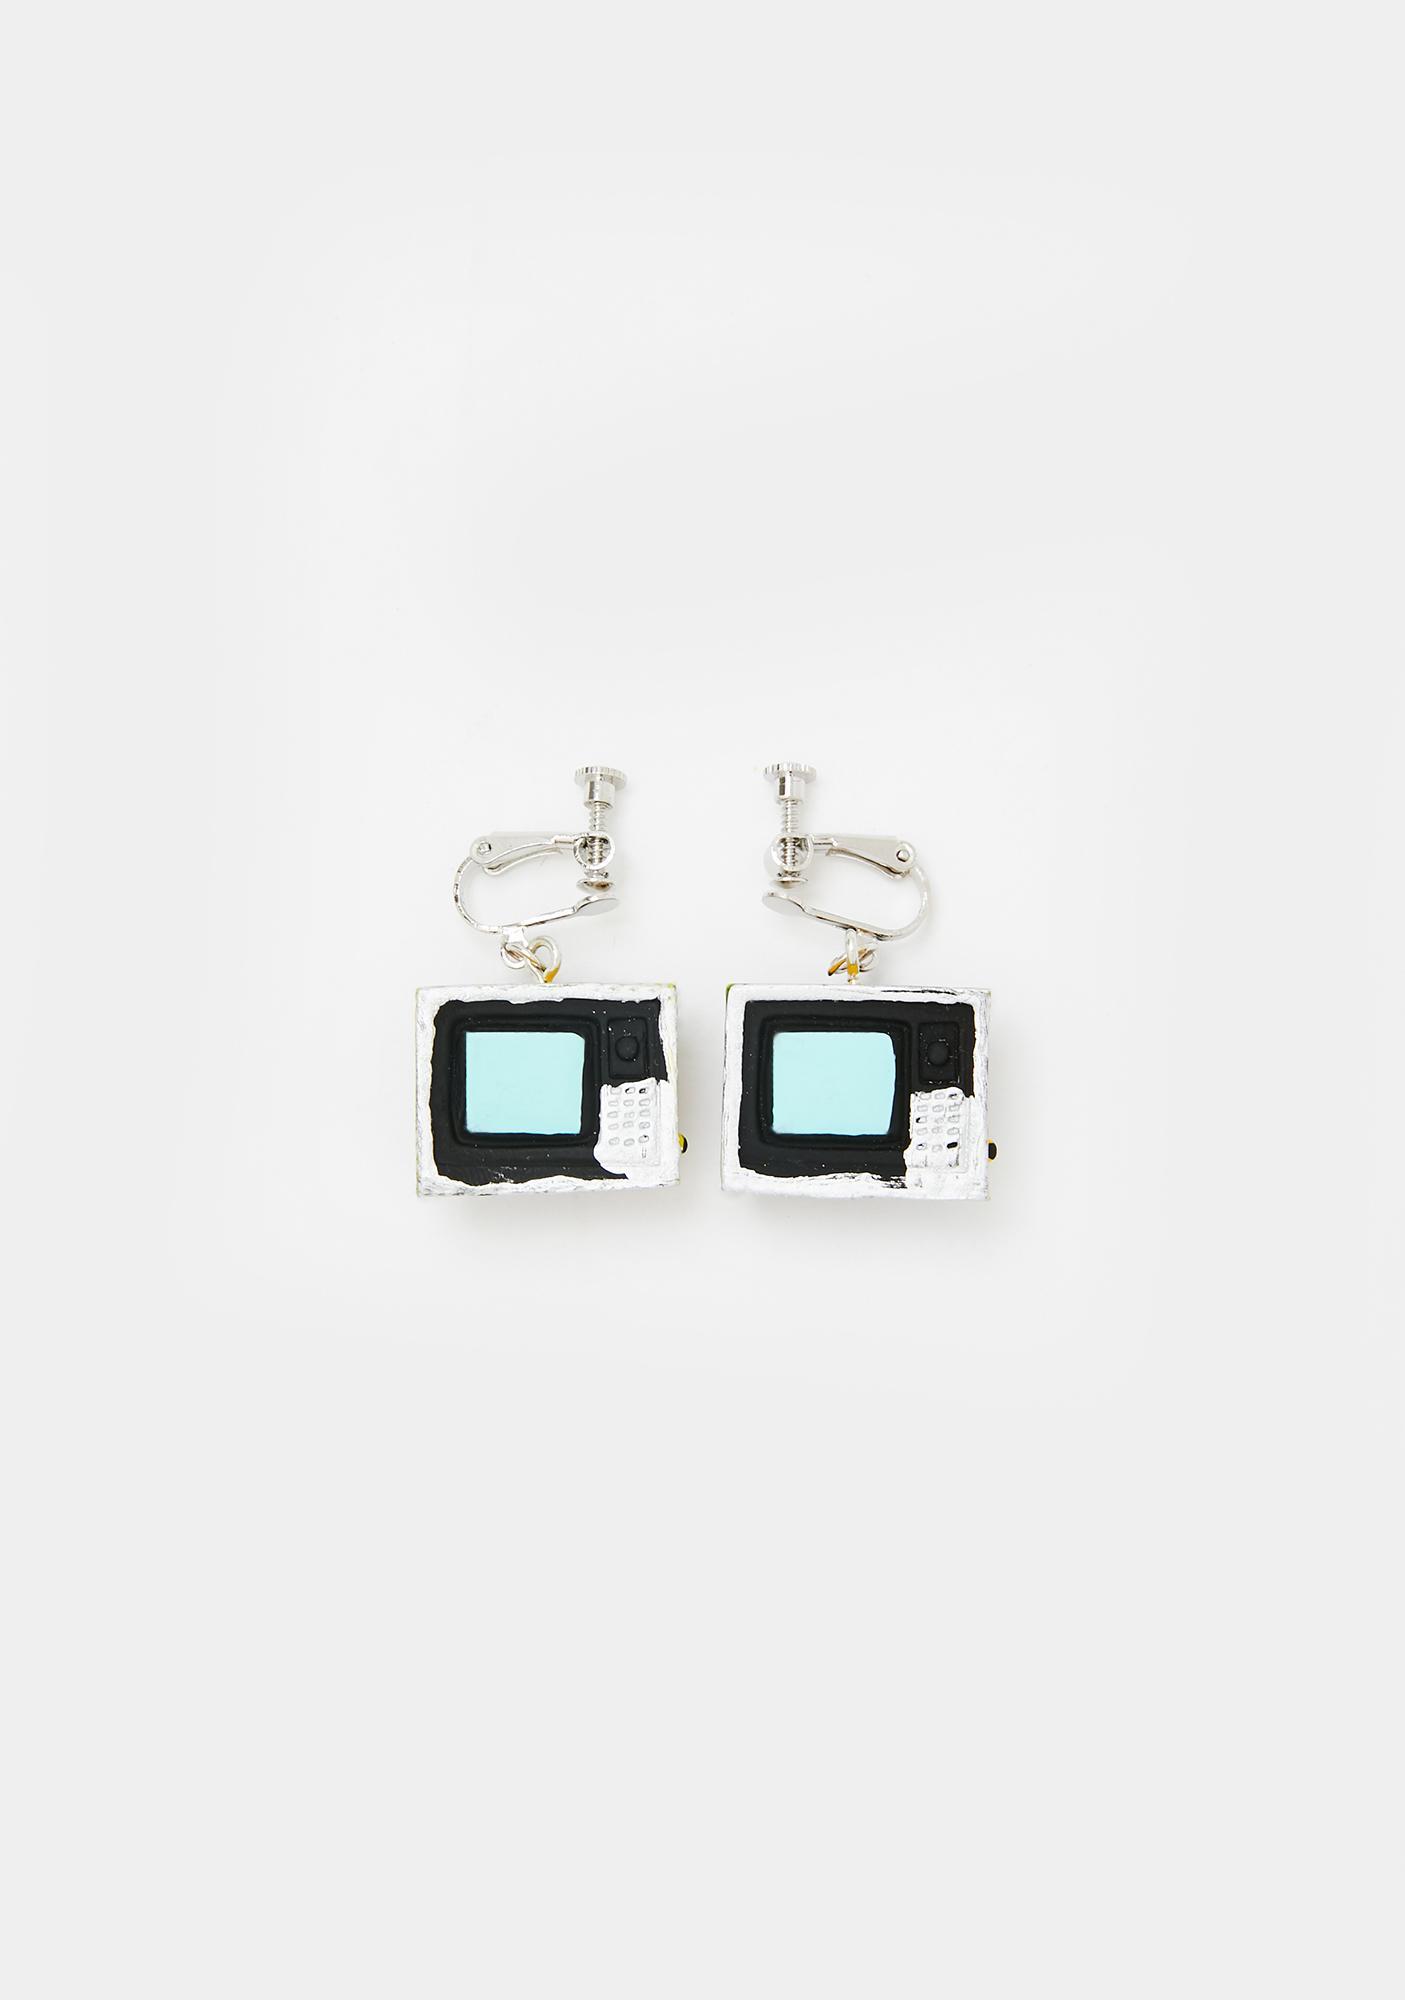 Channel Blocked TV Earrings